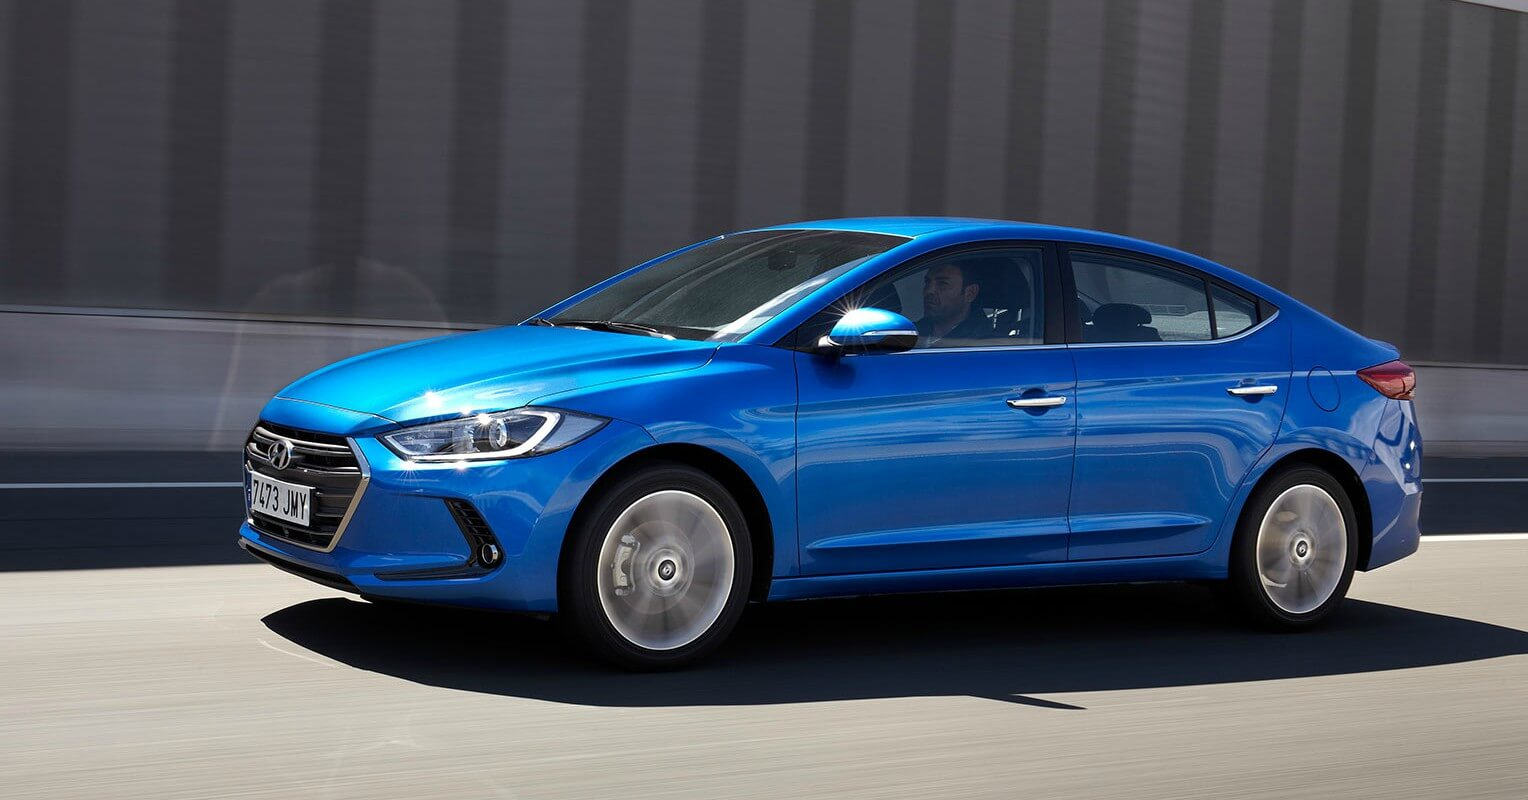 El Hyundai Elantra está entre los coches con menos averías